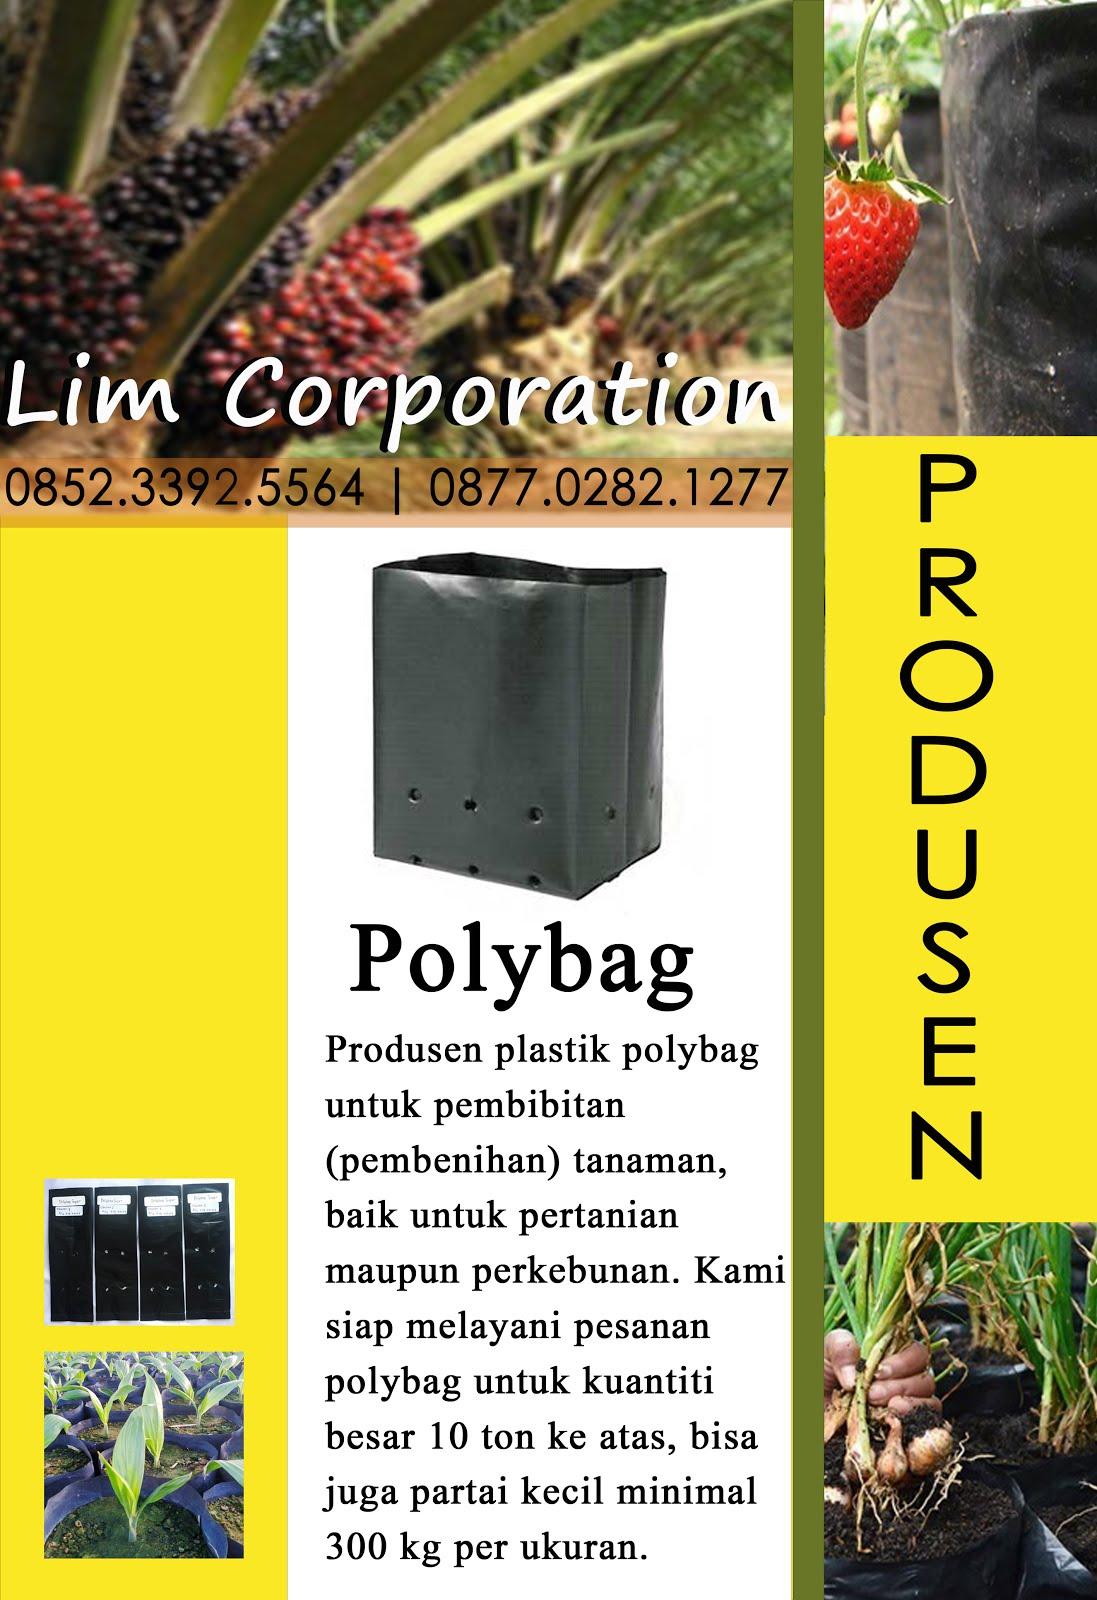 Polybag